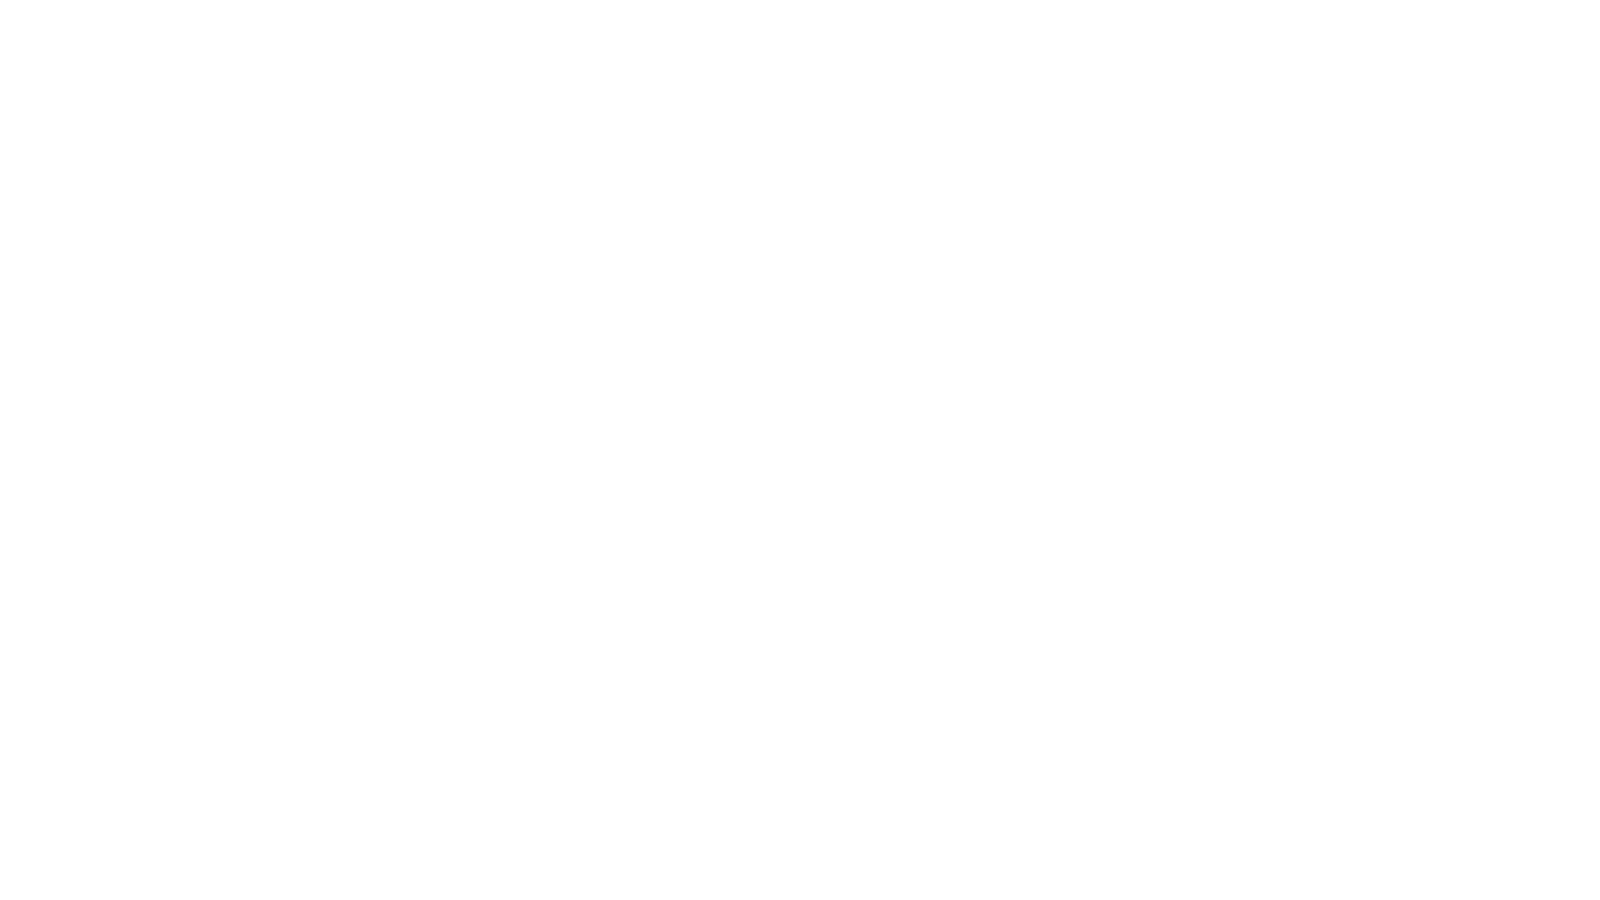 🔴Aquí puedes descargar Quantfury https://quantfury.com/btcsinfronteras/ es la App que uso activamente para hacer trading desde hace +2 años  y que no pago comisiones de ningún tipo al operar. Puedes recibir 100% GRATIS una acción de una empresa como American Airlines, Uber, Apple o directamente Bitcoin o Ethereum por valor de hasta $250 cuando uses mi código de invitación: Y6TWZ8G4  Curso de trading Profesional: https://bitcoinsinfrontera.com/cursos  Servicio de señales para invertir con nuestra comunidad: www.bitcoinsinfrontera.com/serviciopro  Bitcoin HOY / BTC hoy  ⚠️Como comprar BITCOIN y no perder dinero: https://bit.ly/3lnTGzY  ⭕️Síguenos también en:  INSTAGRAM: https://www.instagram.com/btcsinfronteras/  FACEBOOK: https://www.facebook.com/BitcoinSF/    🆘¡ATENCIÓN! El equipo de BTC Sin Fronteras no se hace responsable por pérdidas de capital consecuentes de inversiones en criptomonedas. No somos asesores financieros, solo compartimos nuestra opinión basada en investigaciones especulativas. Recomendamos que cada persona haga su investigación respectiva a la hora de realizar cualquier tipo de inversión.  ¿Qué es el bitcoins y cómo funciona? ¿Cómo se puede obtener bitcoins? ¿Cuánto cuesta 1 Bitcoin 2020 2021? ¿Cómo puedo ganar bitcoins gratis? ¿Cómo cambiar los bitcoins por dinero? ¿Cómo invertir en bitcoins de forma segura? ¿Cómo ganar bitcoins por Internet? ¿Dónde puedo comprar bitcoins en España? ¿Cuánto sale 1 Bitcoin en Argentina? ¿Dónde puedo comprar bitcoins en Venezuela? ¿Cuál ha sido el precio máximo del Bitcoin? ¿Cómo crear una cuenta Bitcoin en Venezuela? ¿Dónde puedo cambiar mis bitcoins? ¿Cómo sacar el dinero de Binance? ¿Cómo ganar con Bitcoin 2020? ¿Cuál es la mejor aplicación para Bitcoin? ¿Dónde comprar bitcoins más baratos? ¿Dónde puedo comprar bitcoins en USA? ¿Cómo comprar bitcoins en Binance? ¿Qué pasa si Bitcoin cae?   #BitcoinHoy